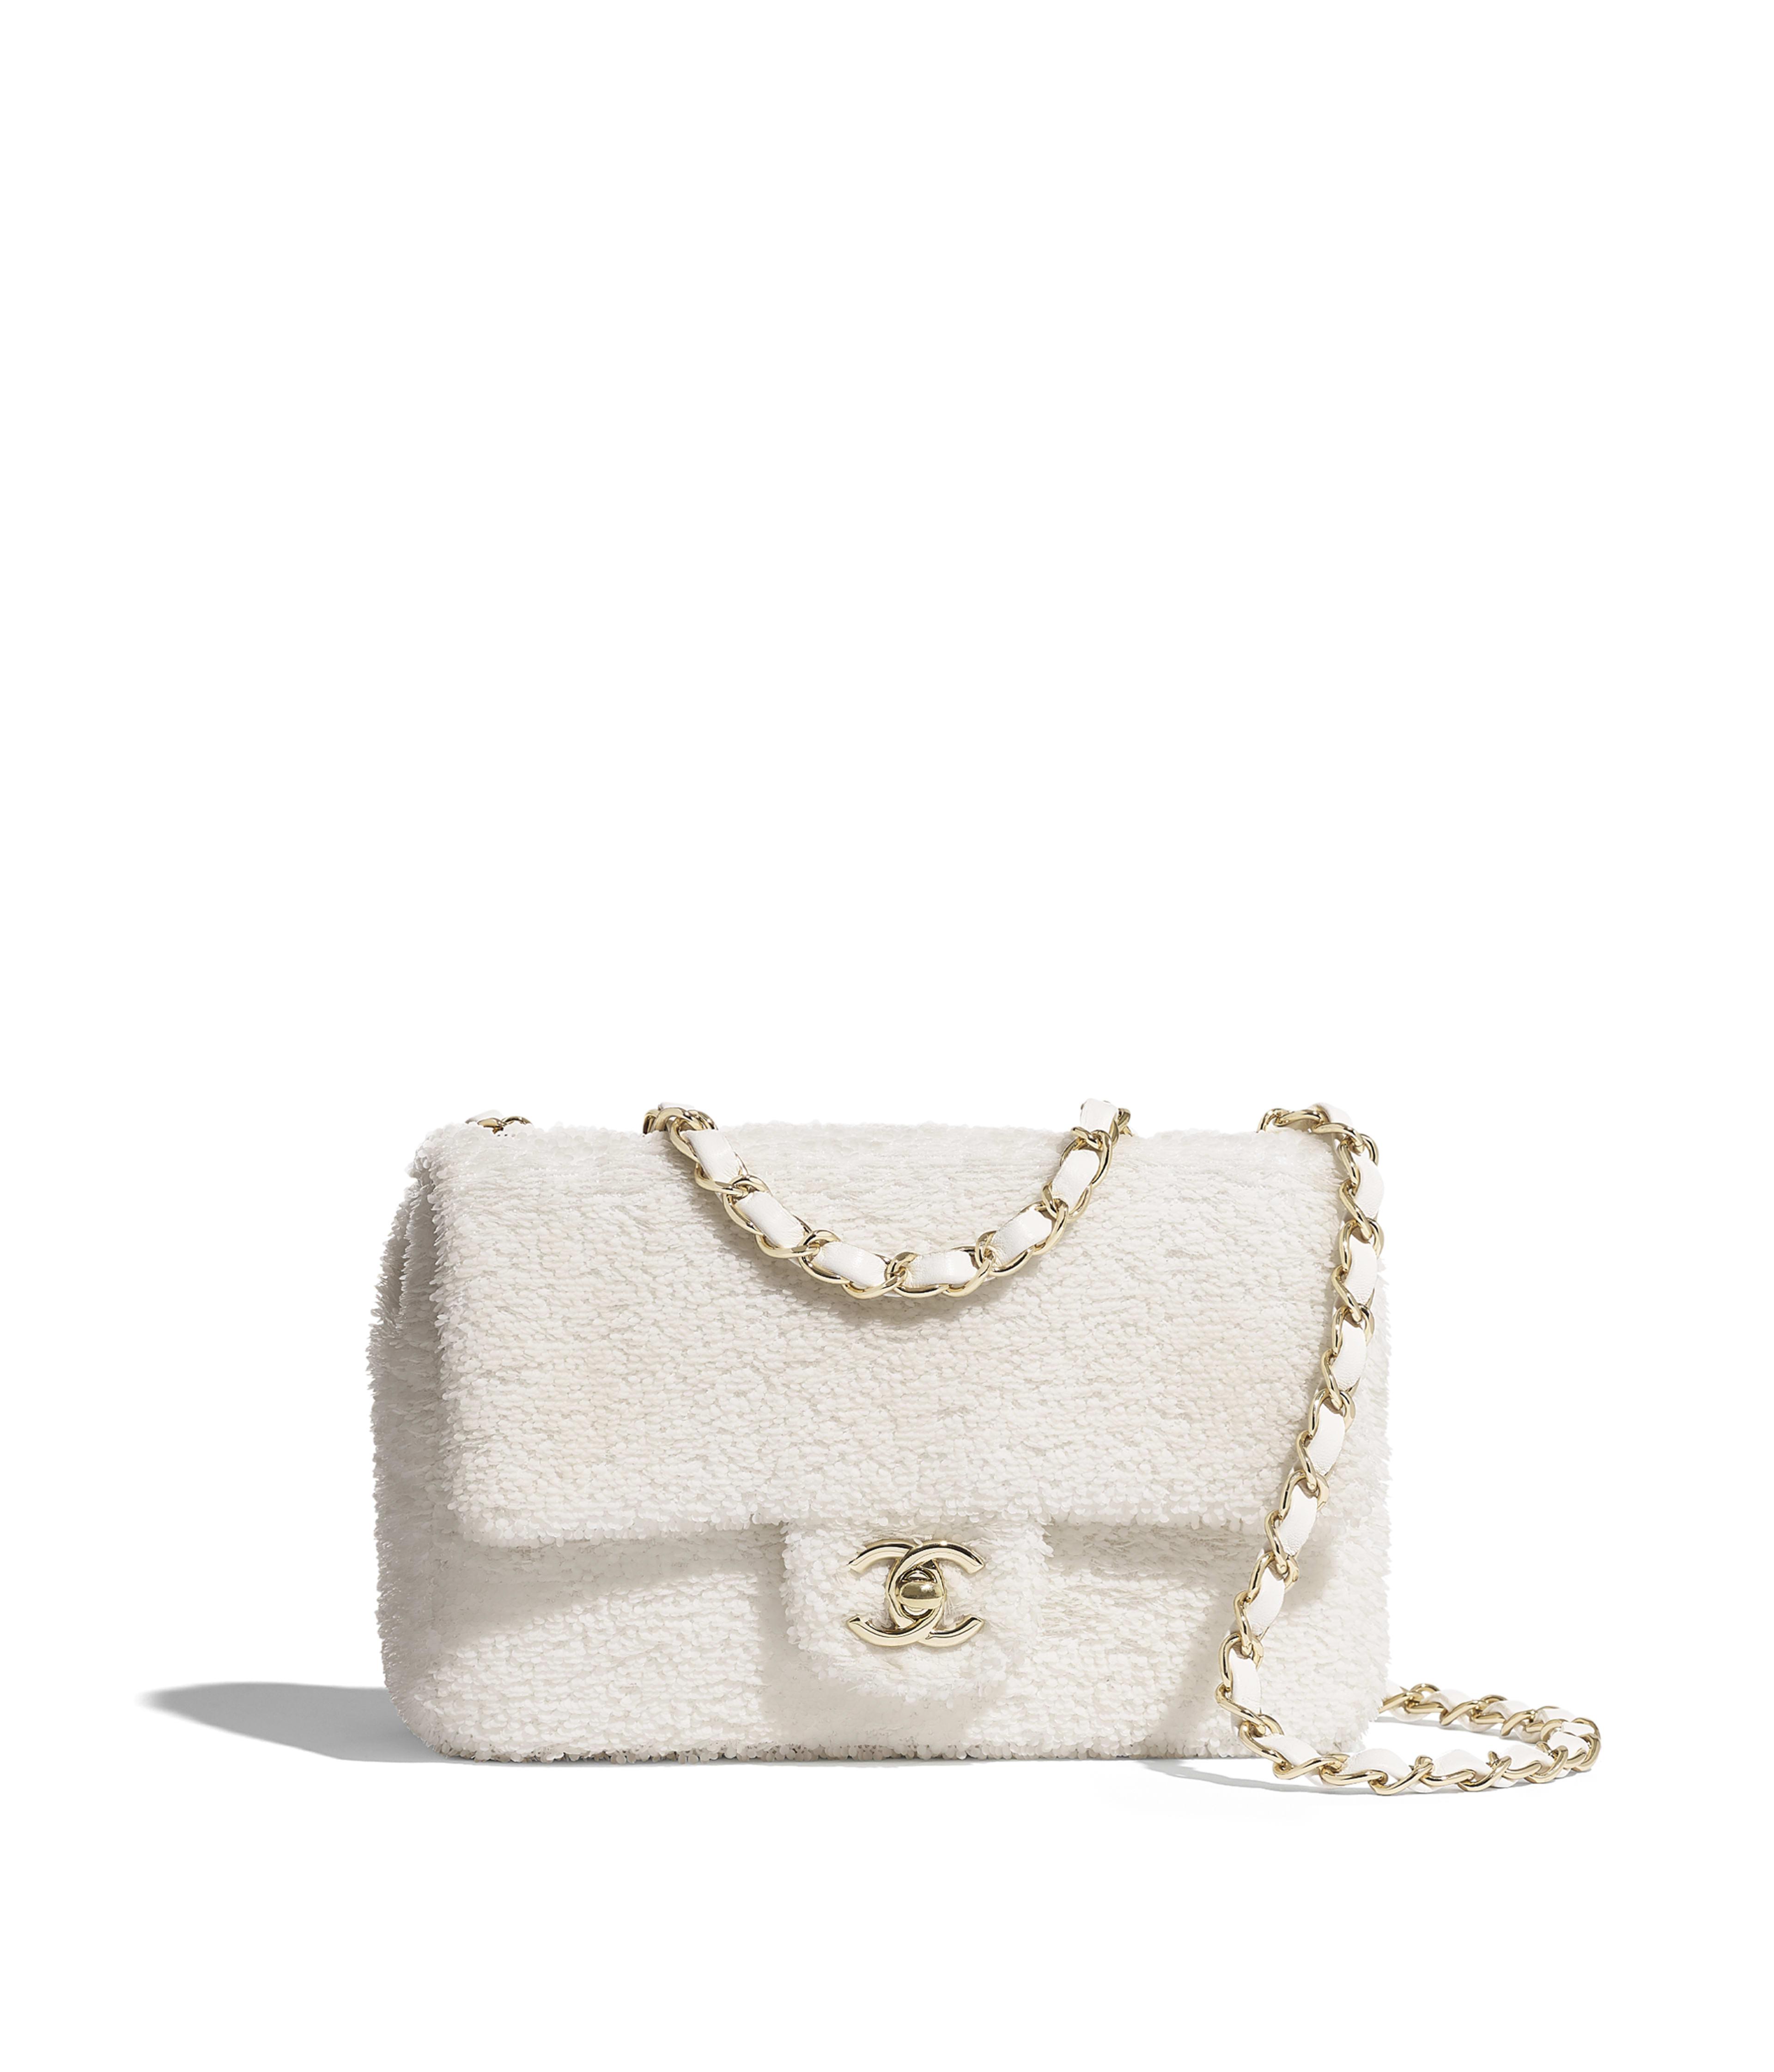 Handbags Fashion Chanel Page 4 10